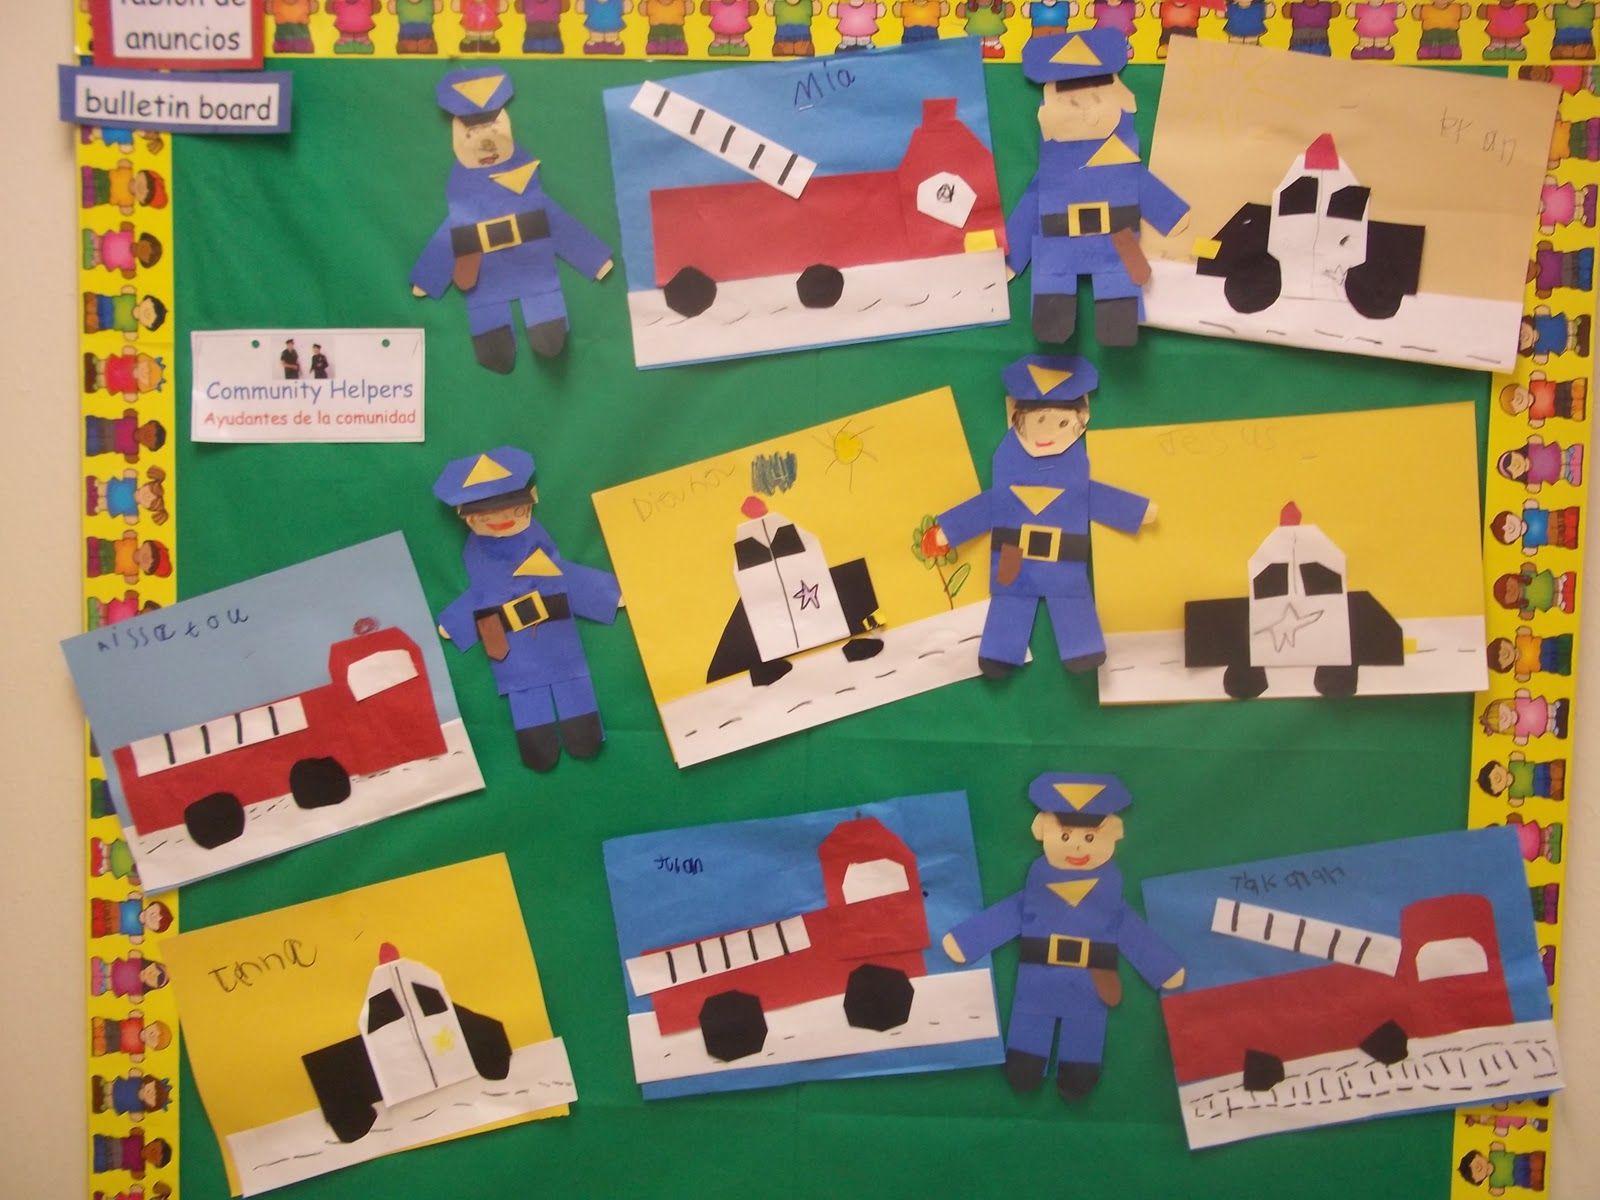 Kinder Garden: Mrs. Wood's Kindergarten Class: Community Helpers